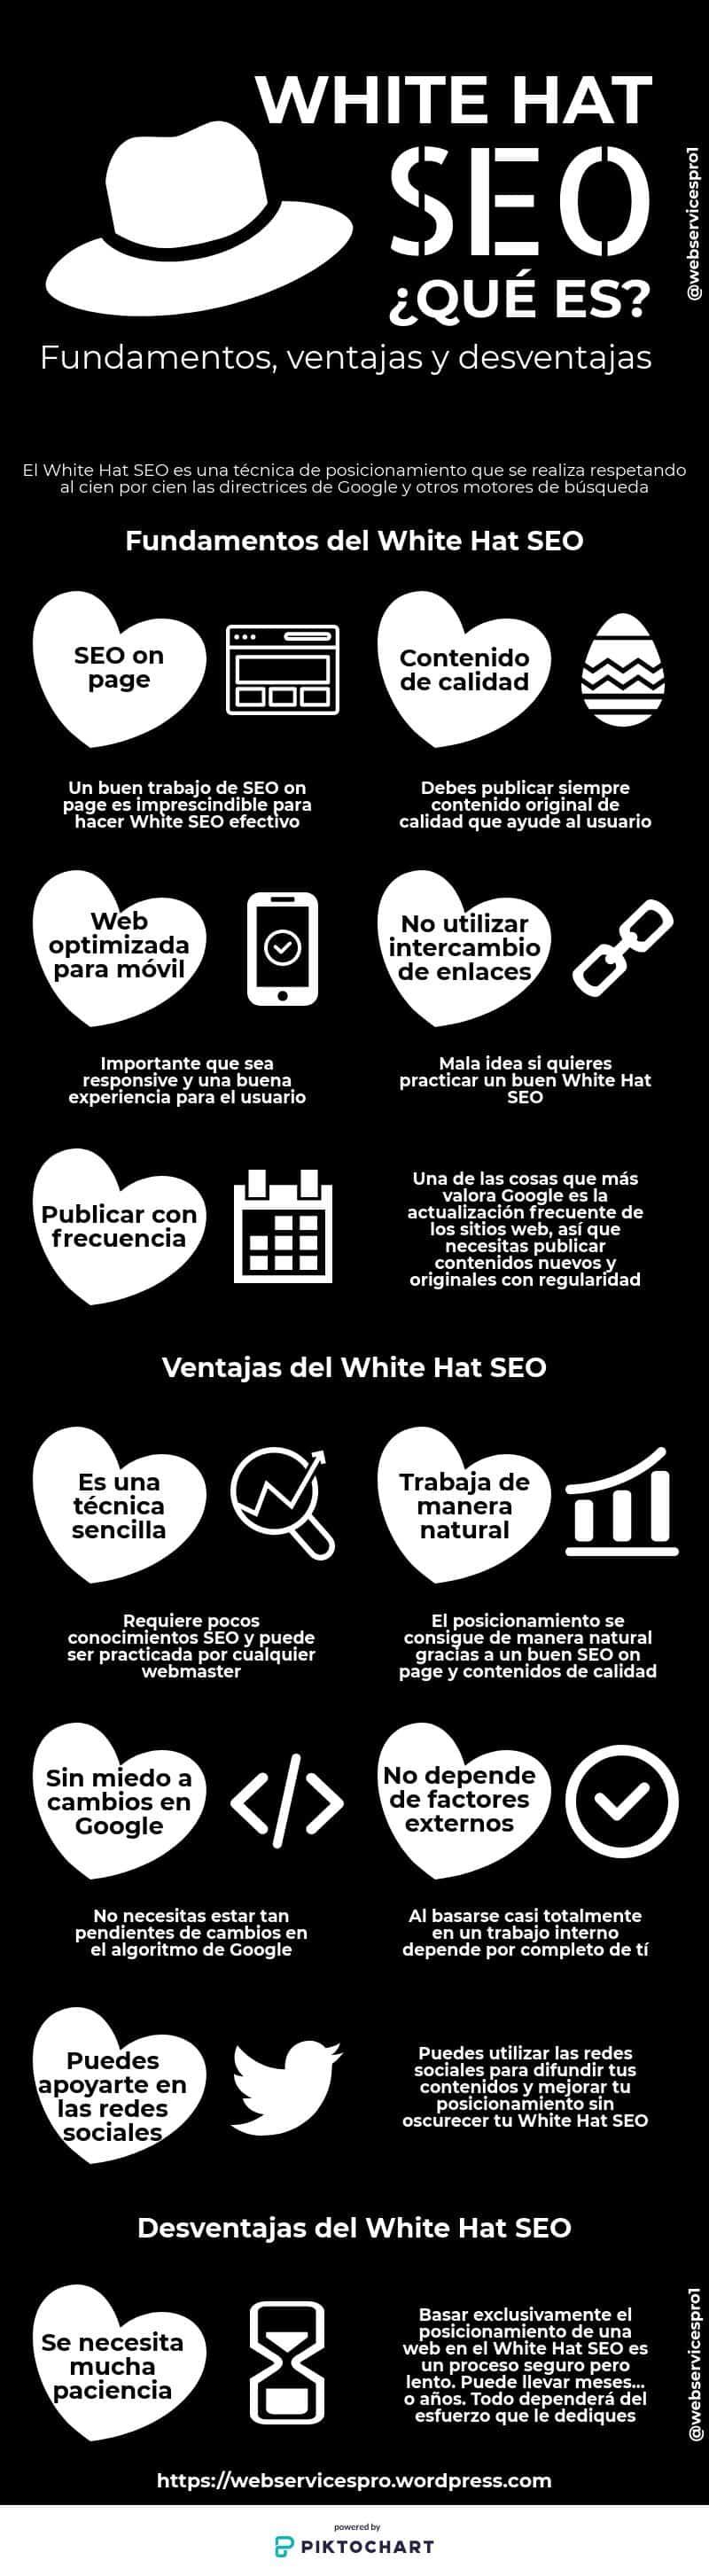 White Hat SEO: qué es y sus ventajas e inconvenientes